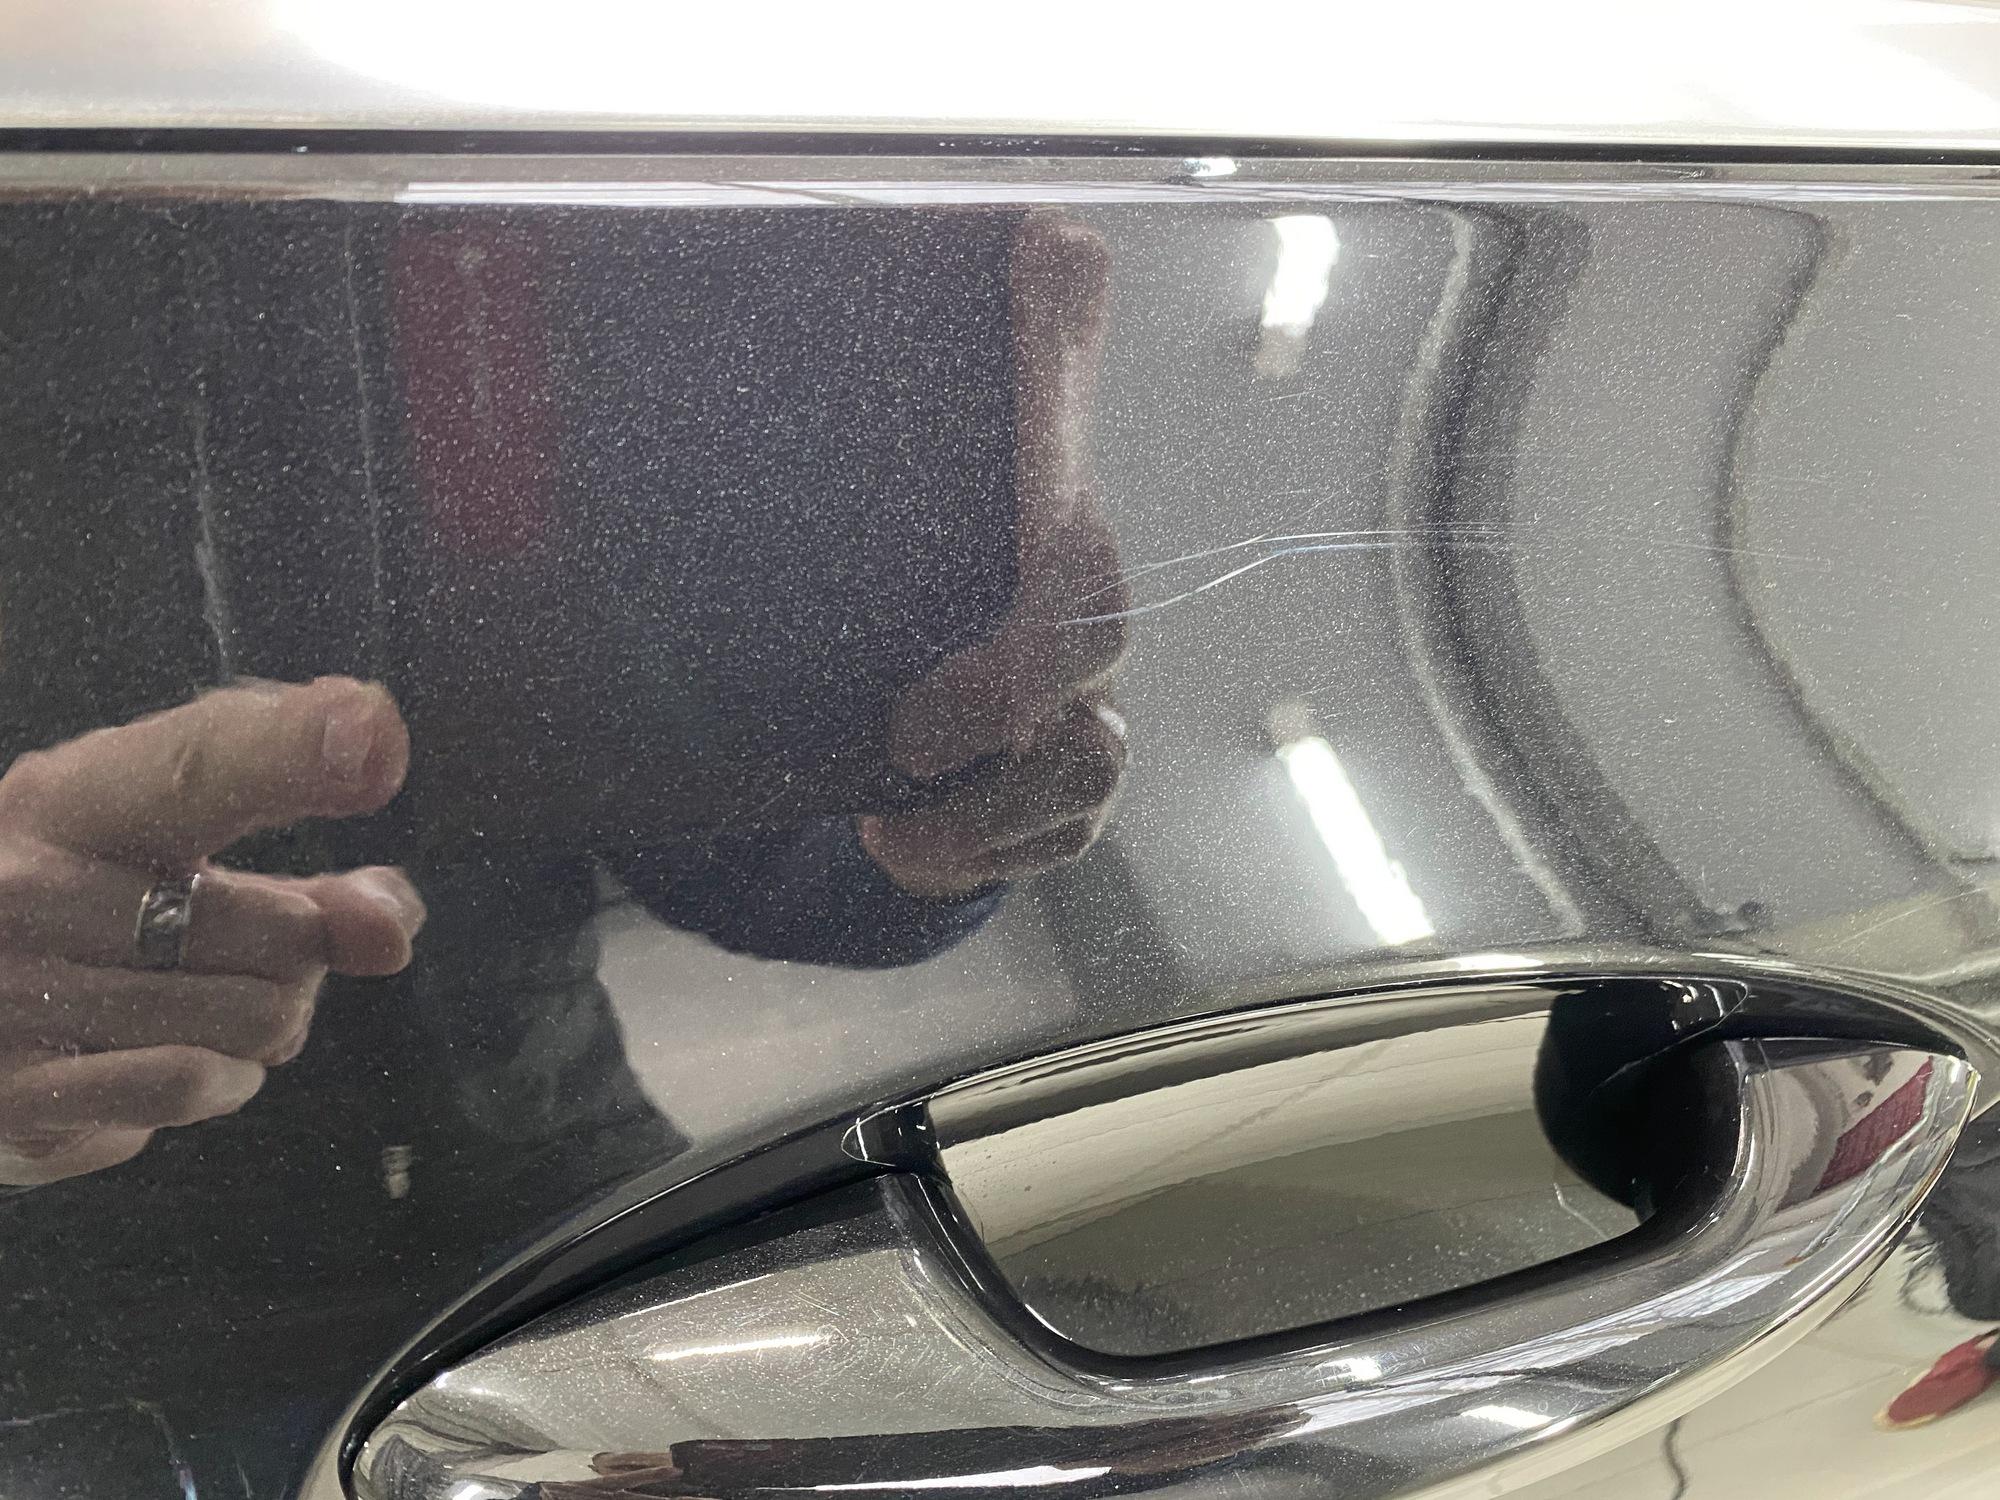 На фото царапины, которые нужно убрать перед обработкой машины гидрофобом.